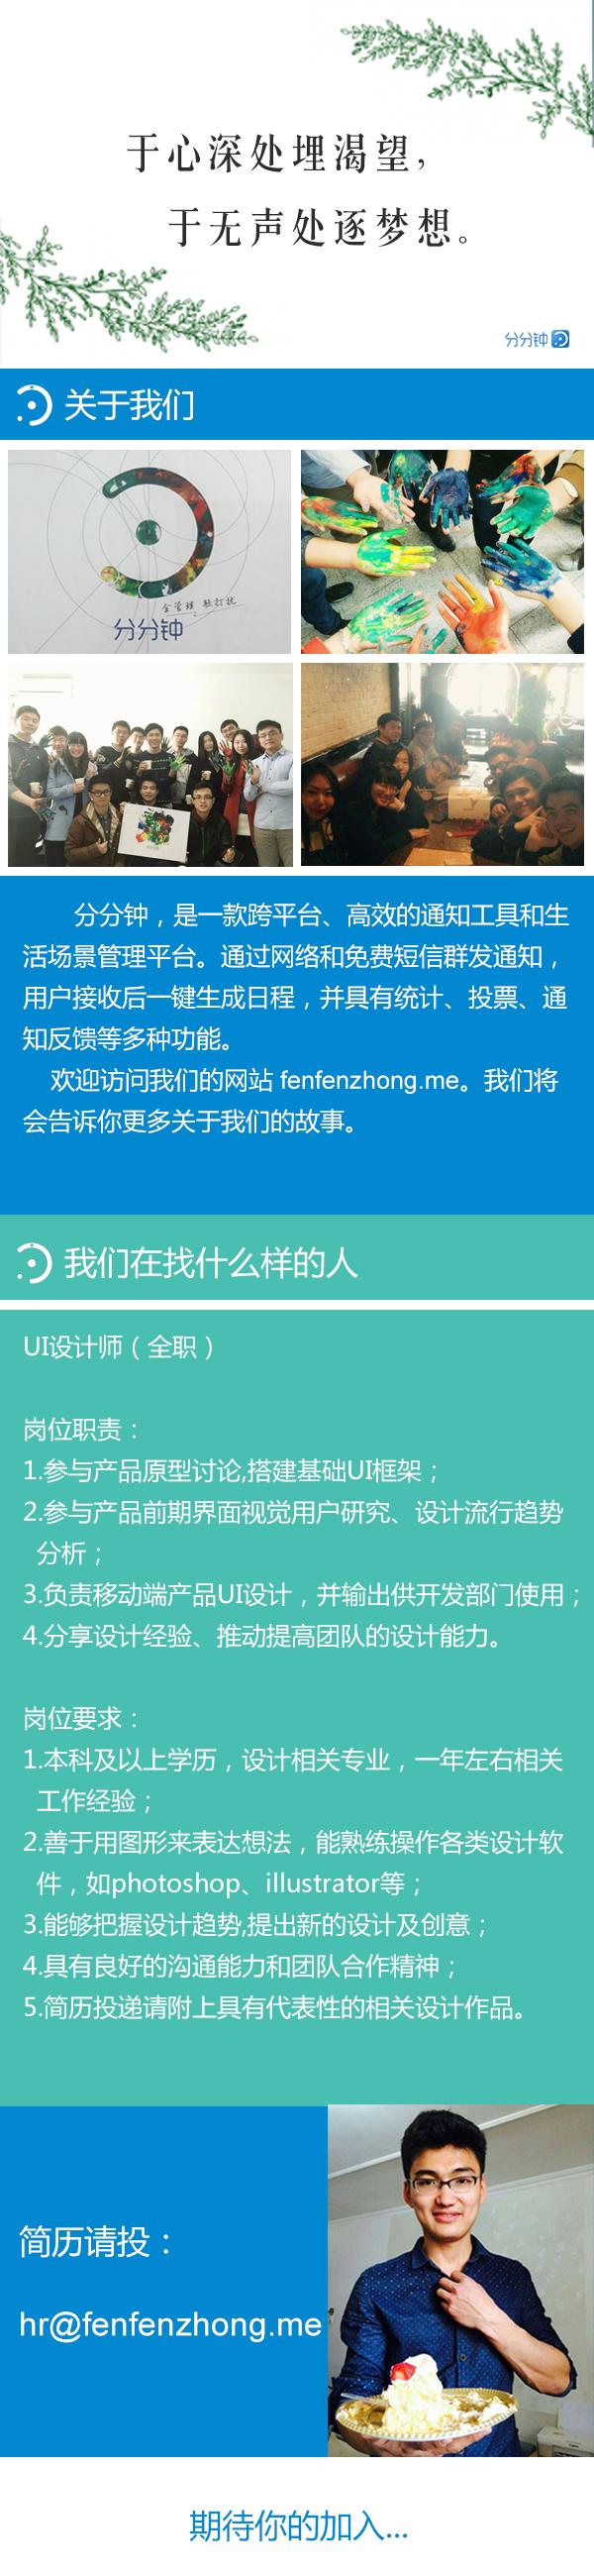 2015-fenfenzhong-job